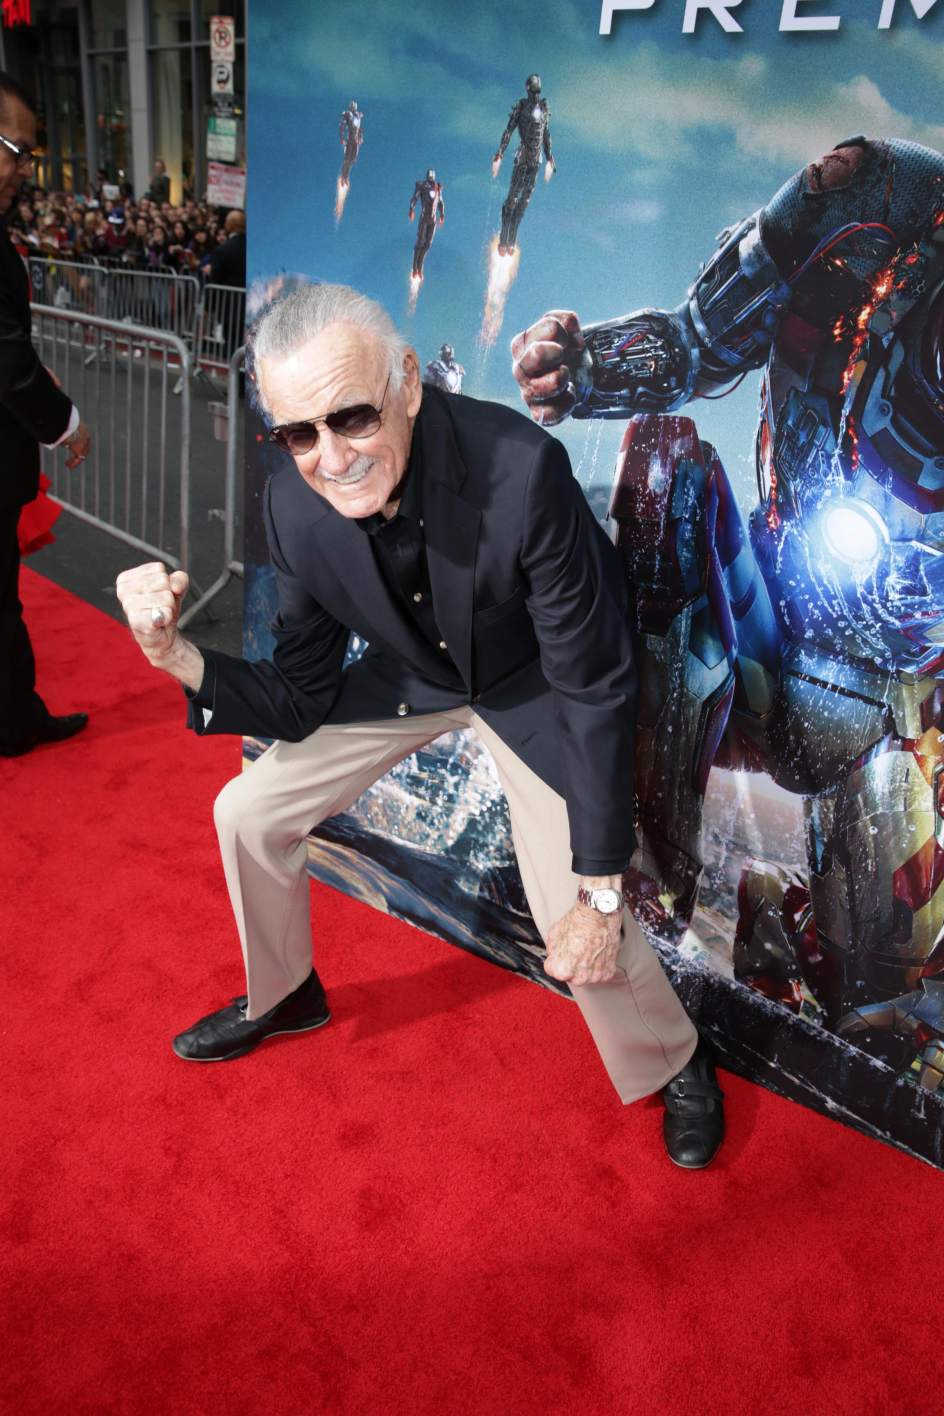 El creador de Marvel, Stan Lee, niega las acusaciones de acoso sexual contra él